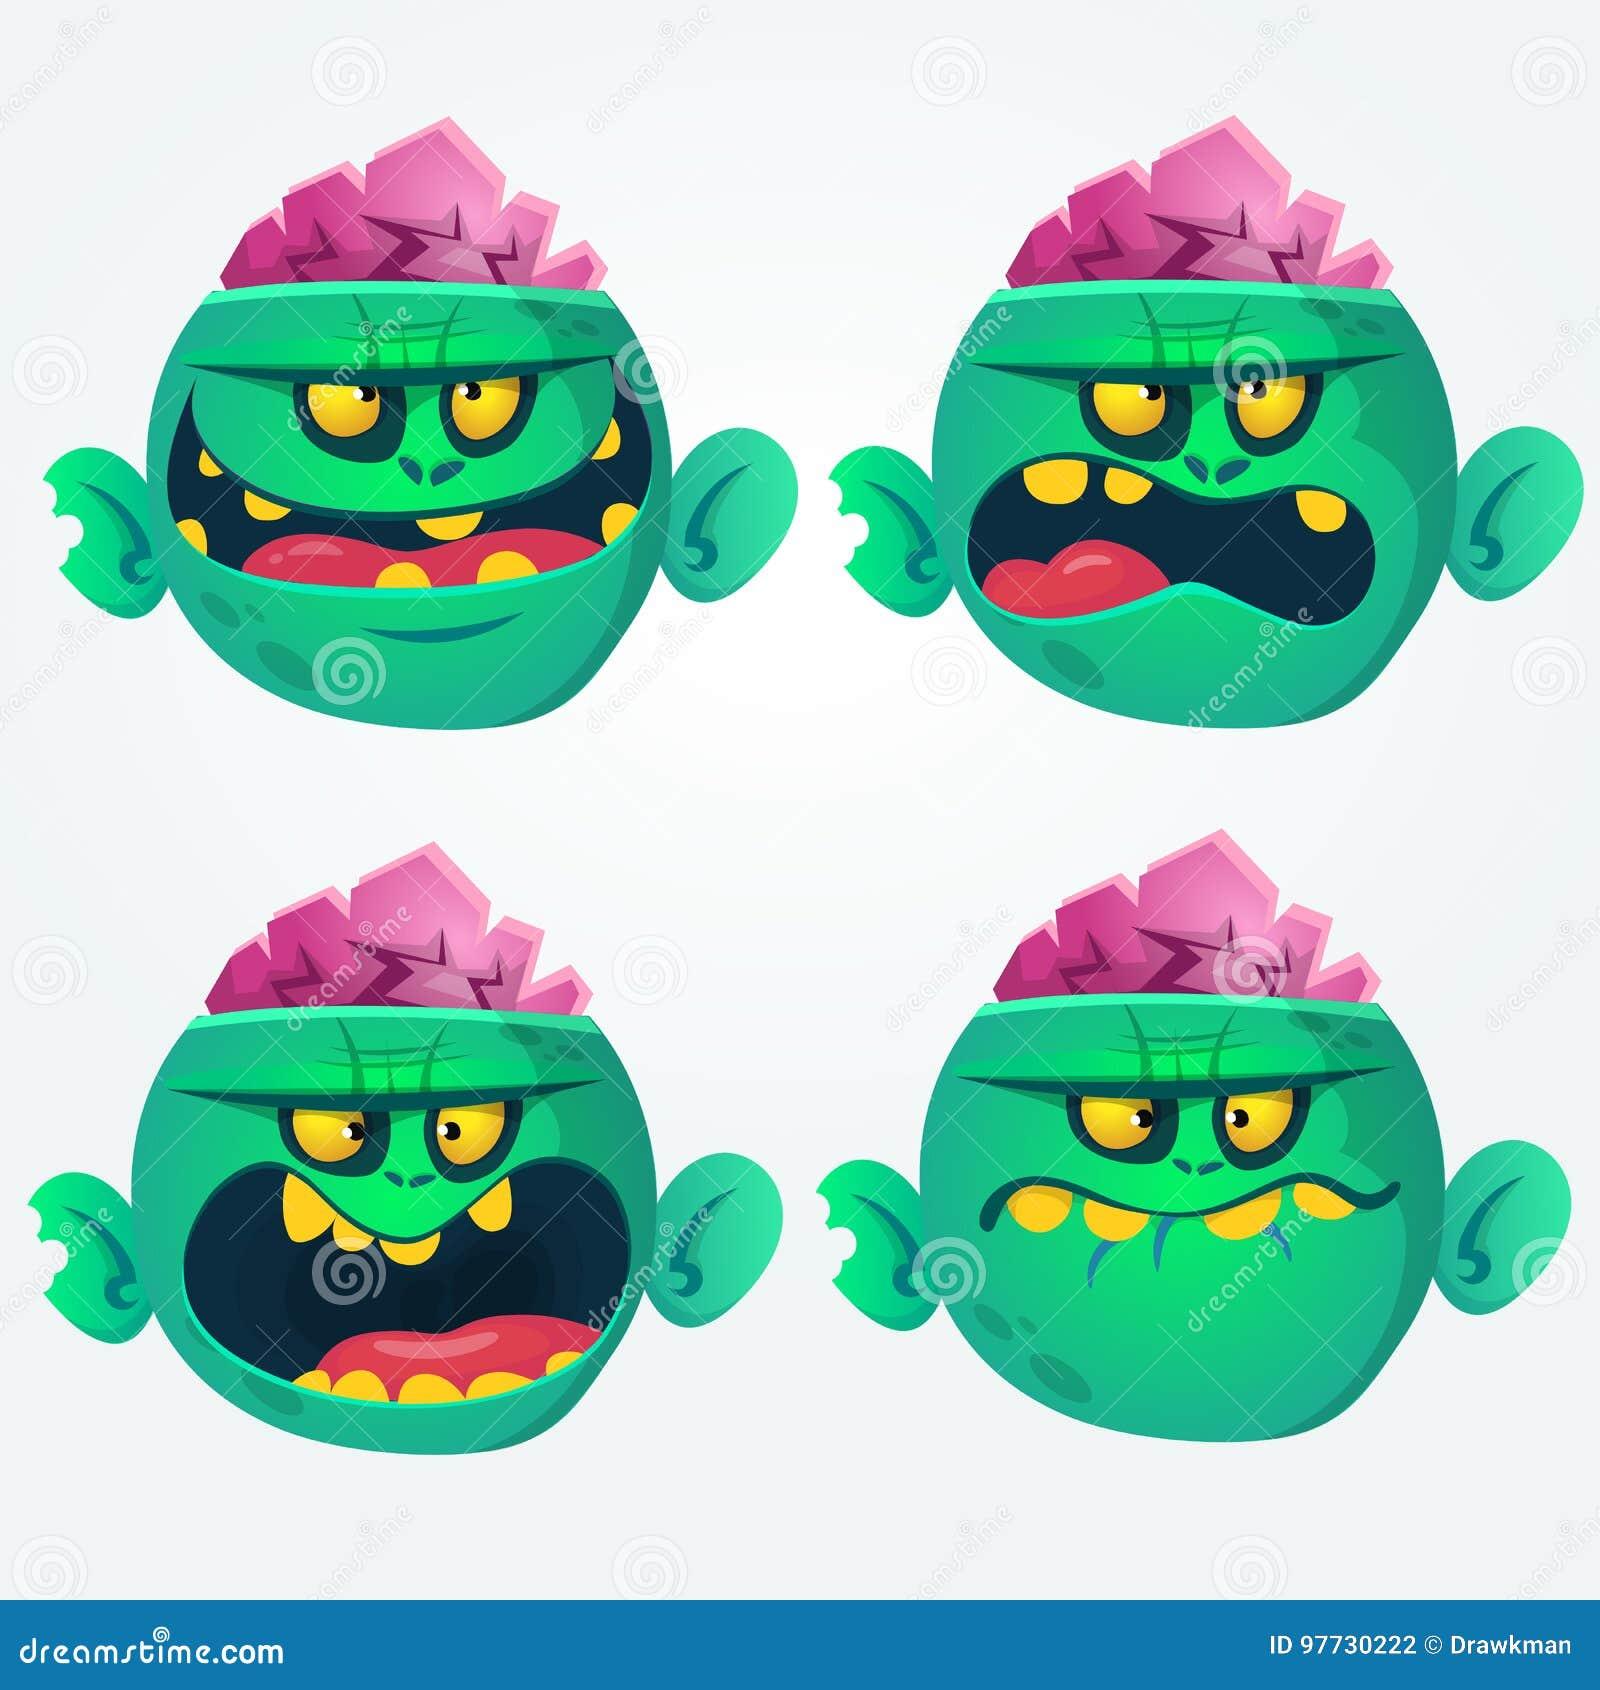 Vektorsatz von vier Karikaturbildern von lustigen grünen Zombiegroßköpfen mit verschiedenen Aktionen